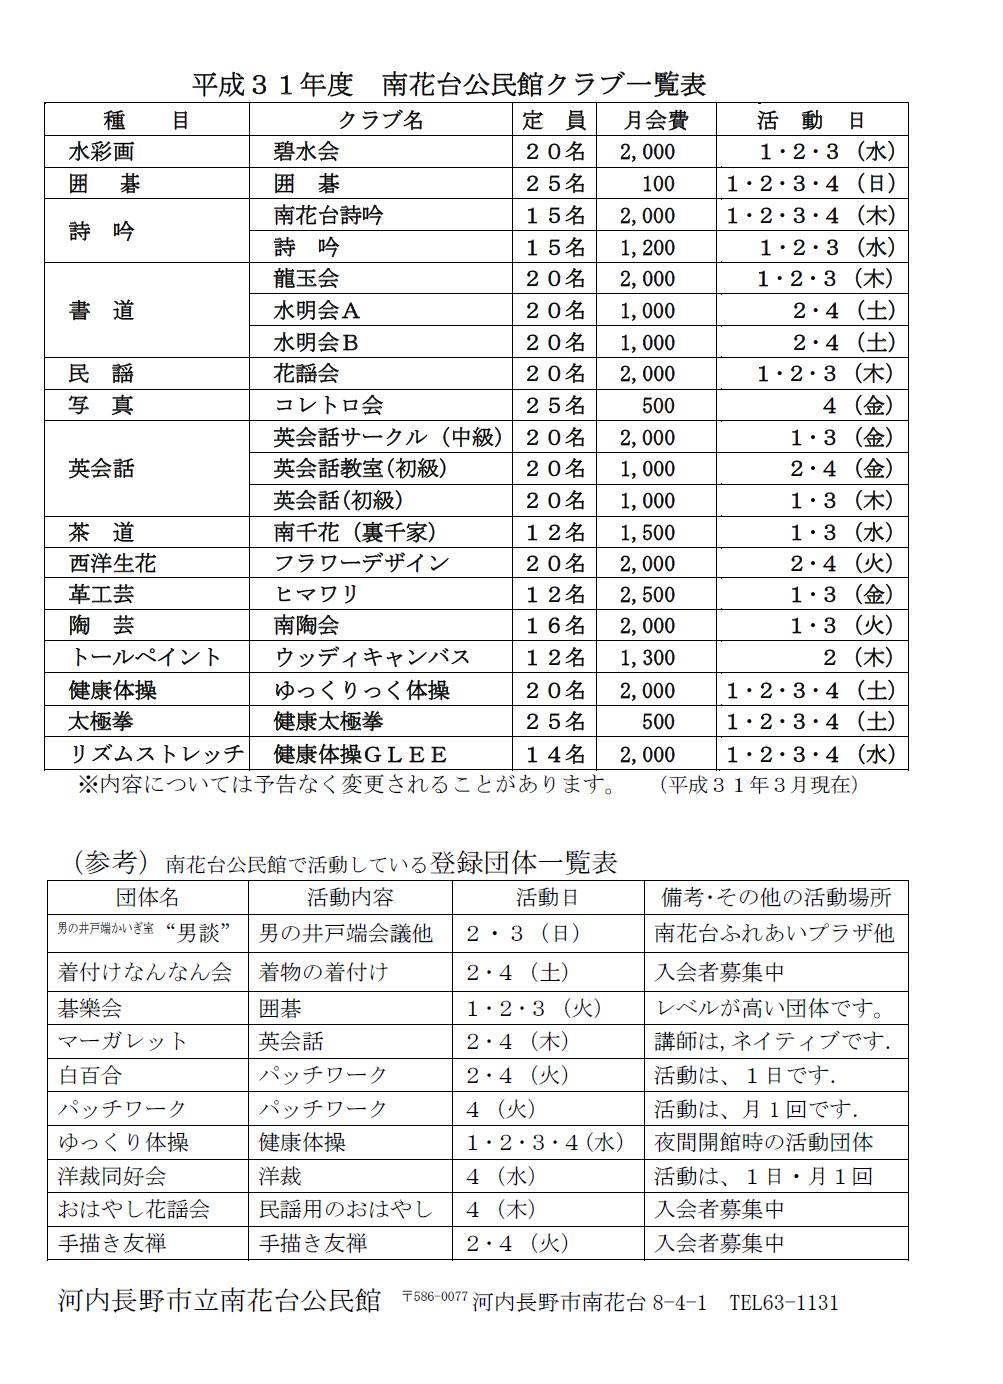 クラブ一覧表H31(参考:登録団体)